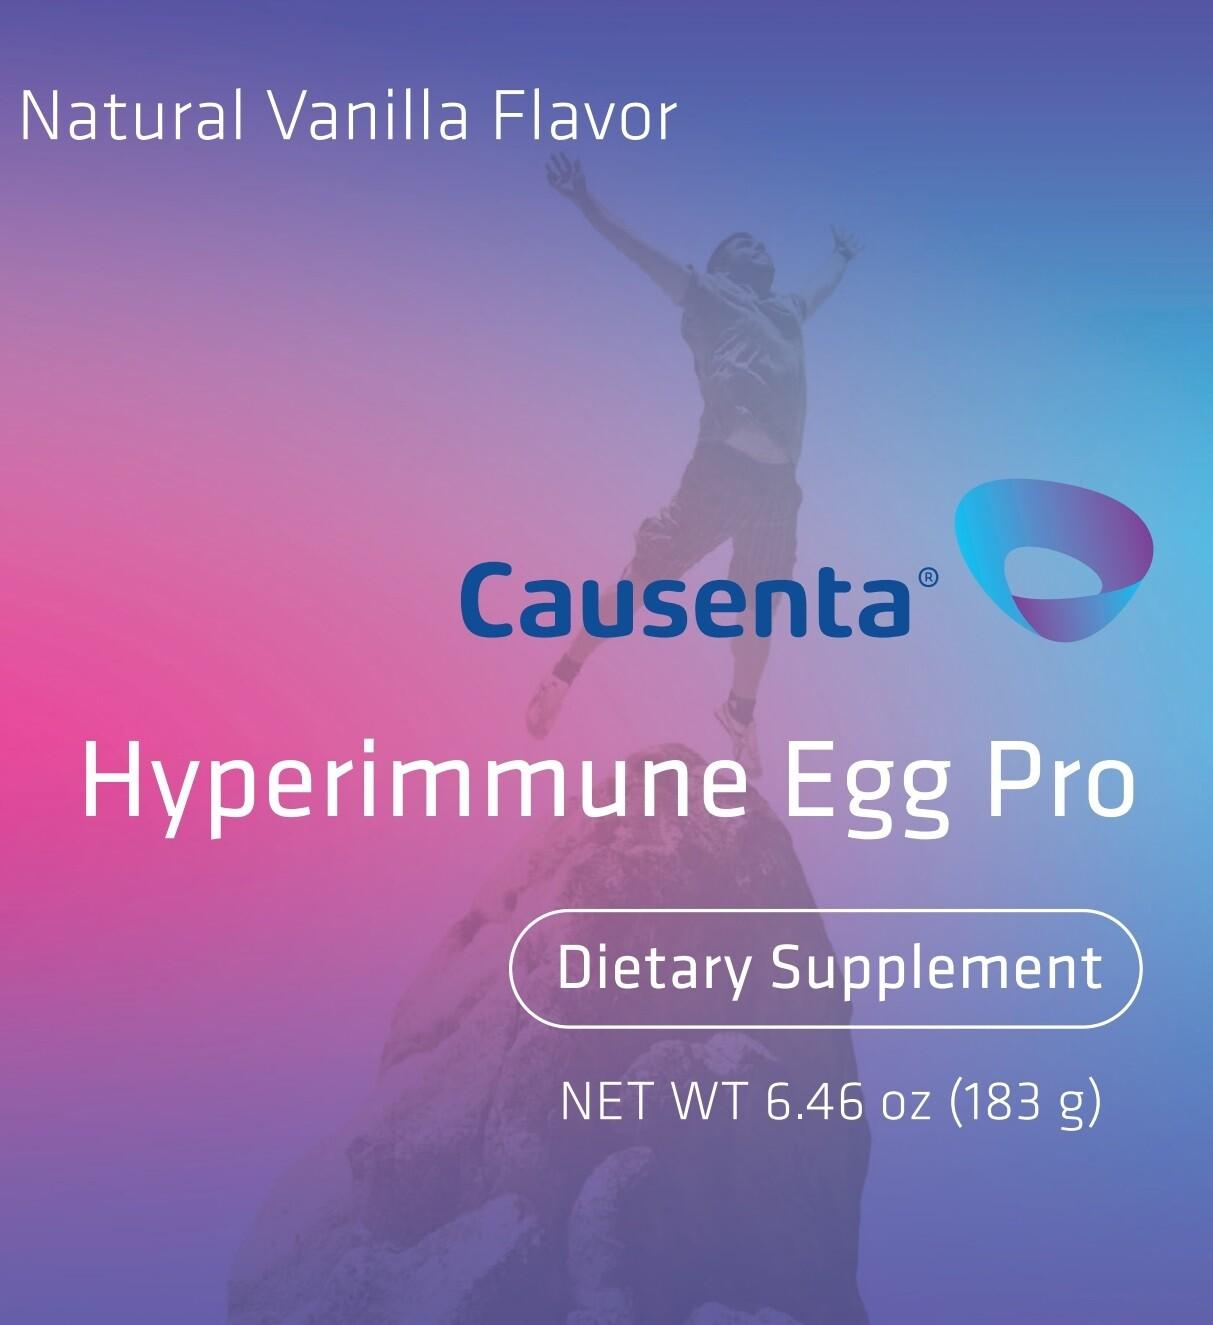 HyperImmune Egg Pro-IG 26